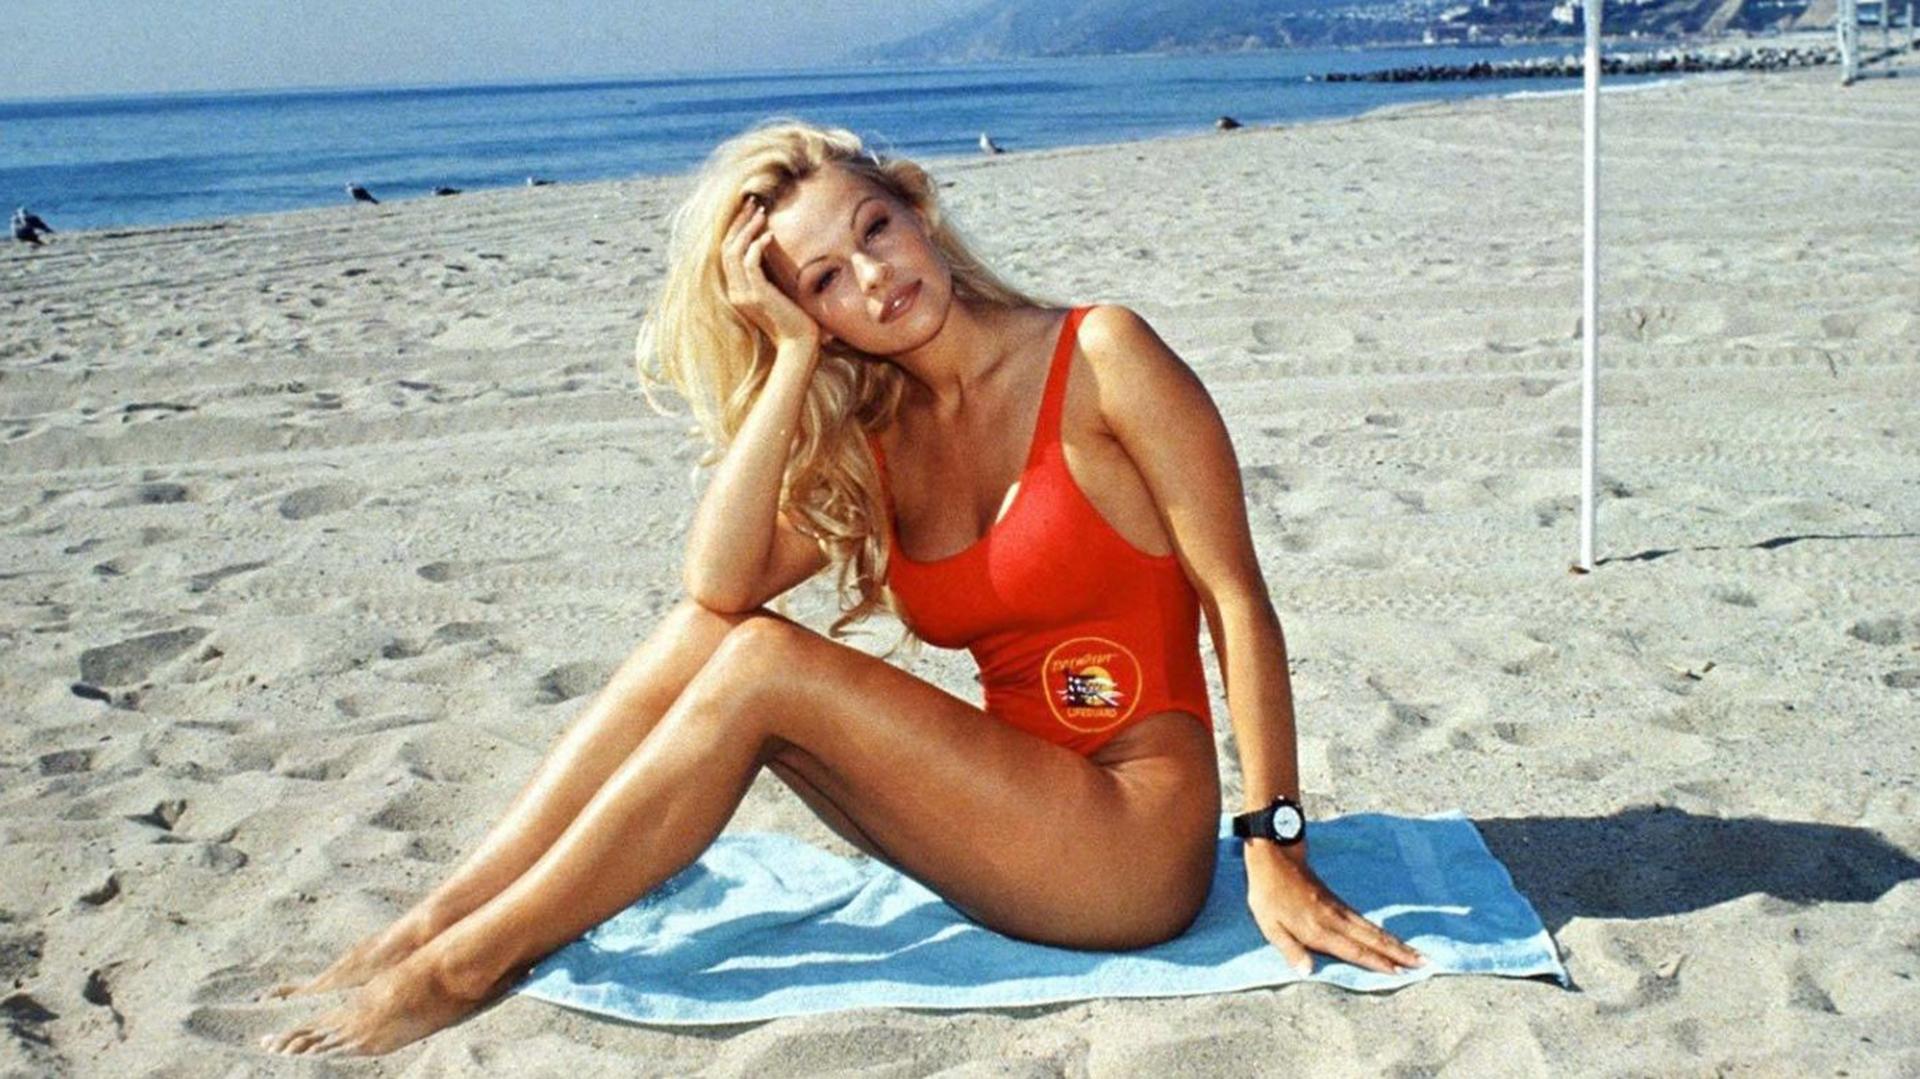 La actriz canadiense, que se hizo famosa por Baywatch, se ha pasado a la política de alto nivel.